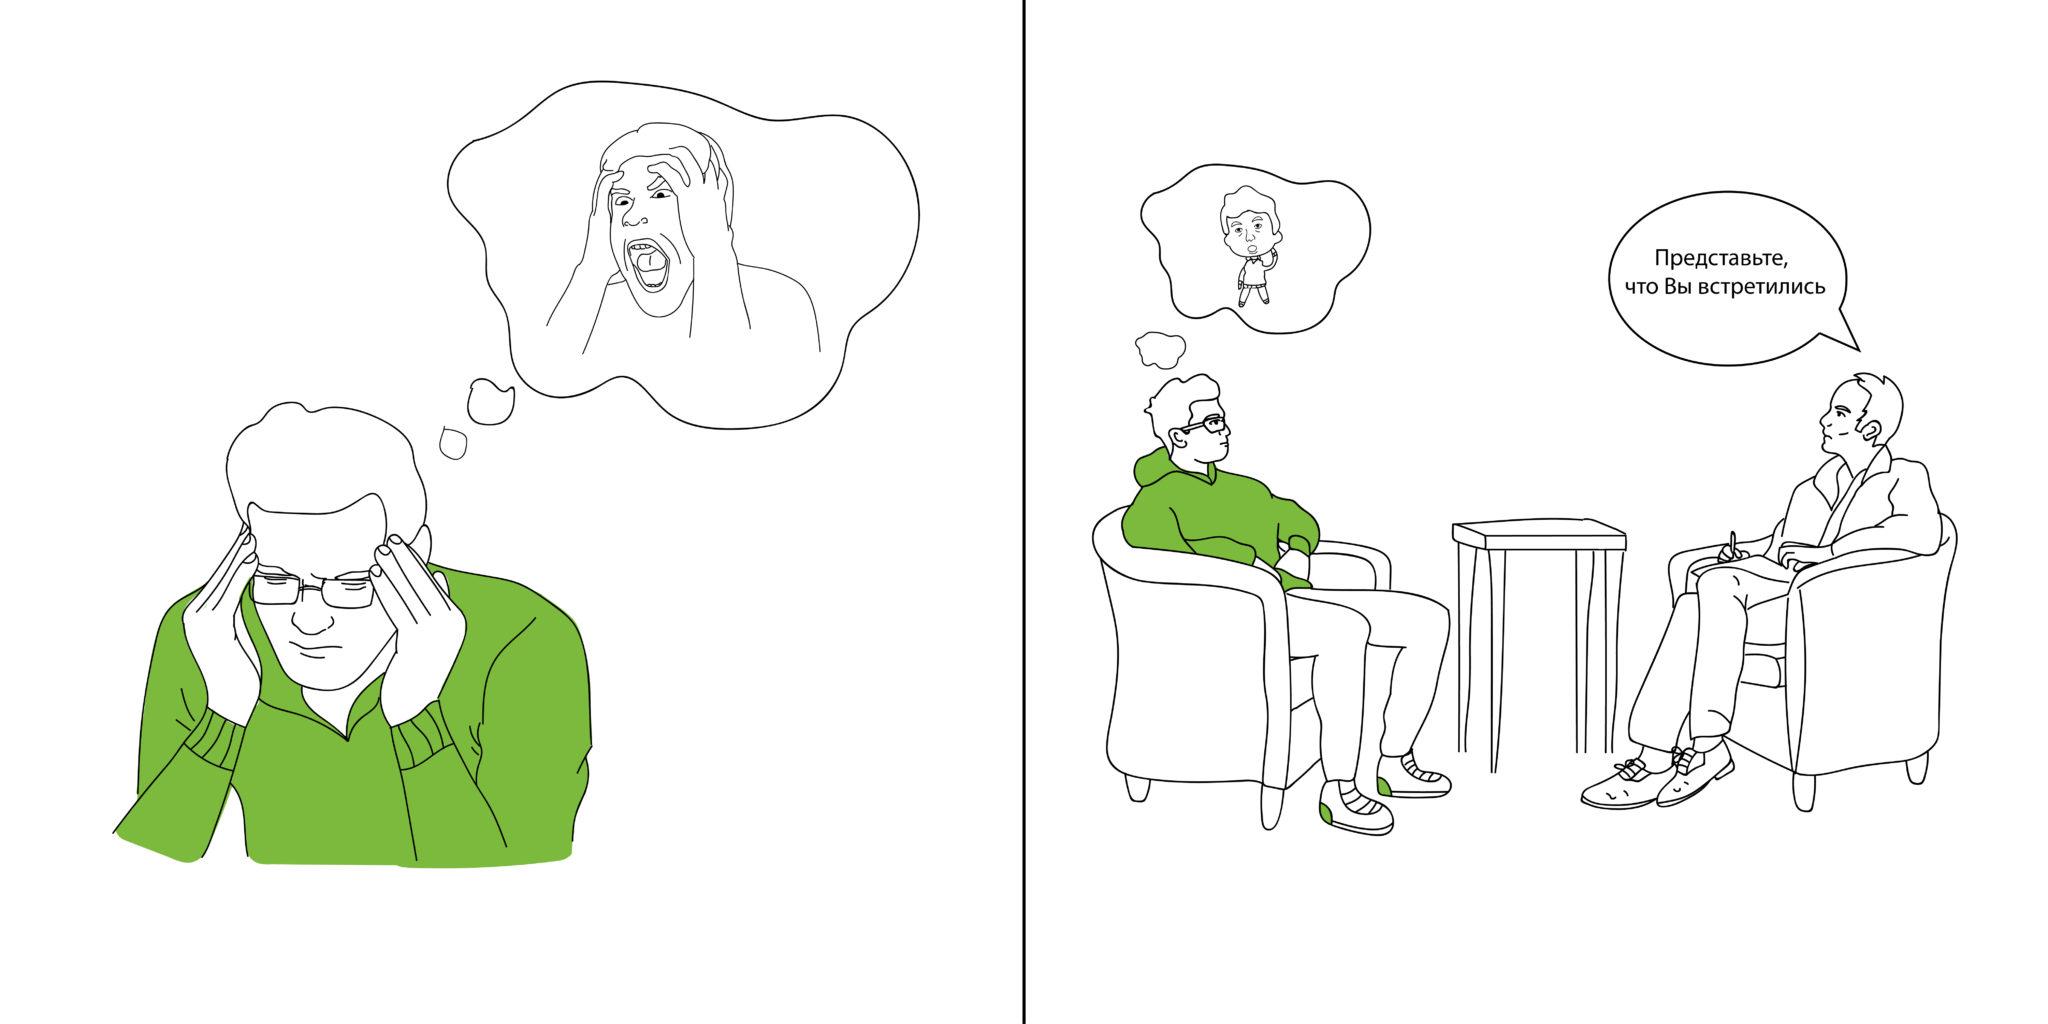 прием гештальт-терапевта